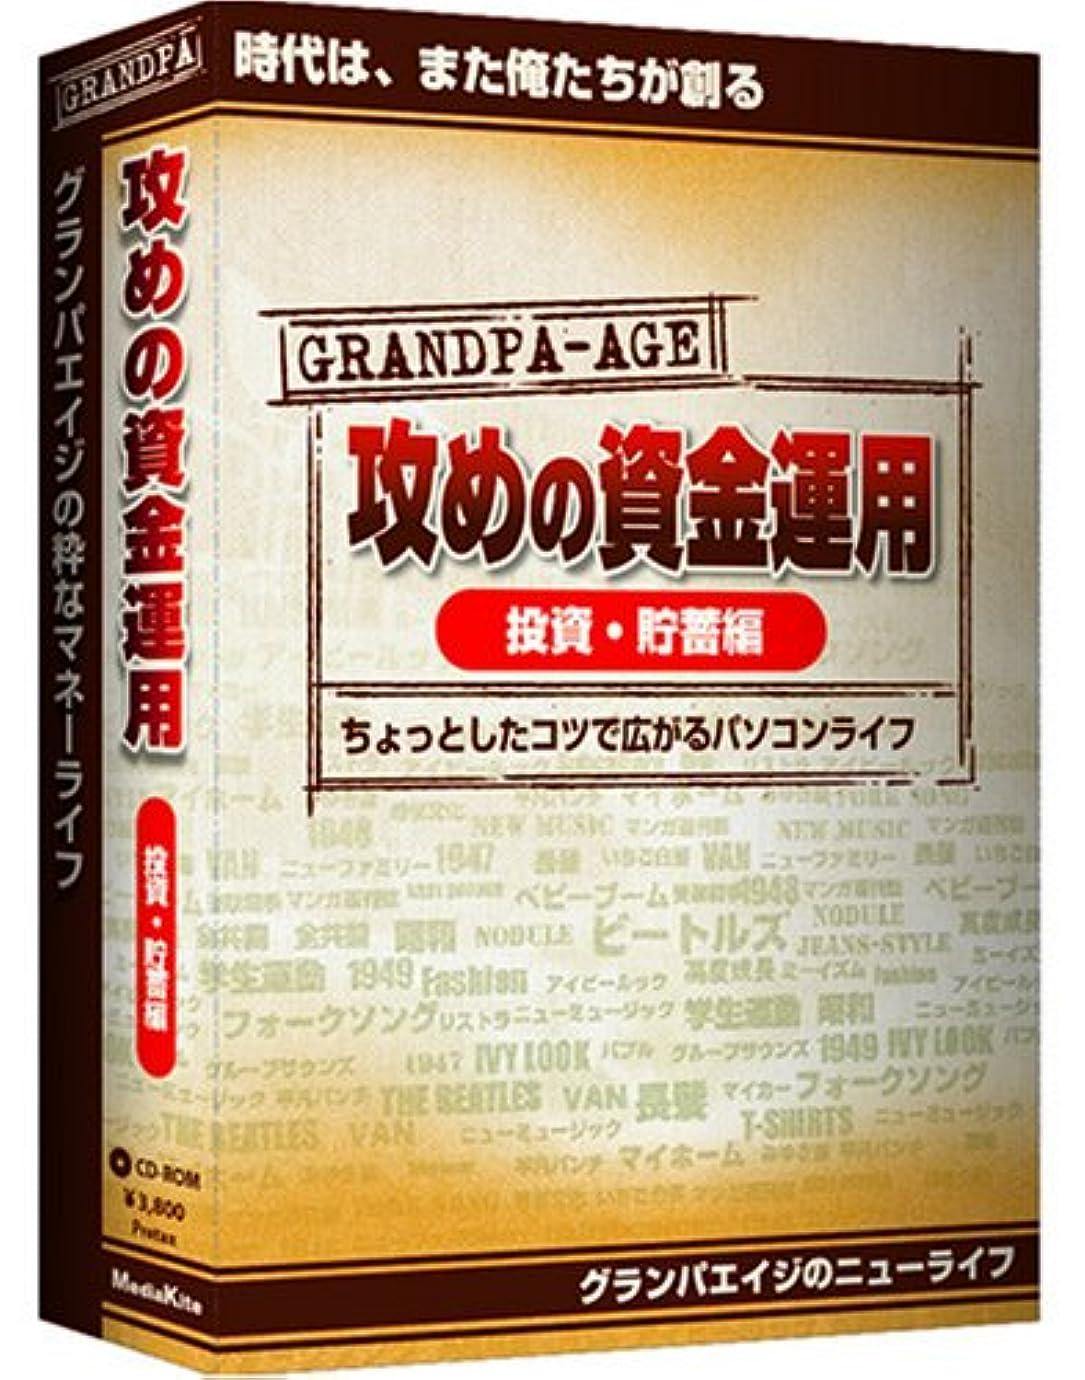 予測乙女レイプ投資の神様CD-ROM2013年2集春号